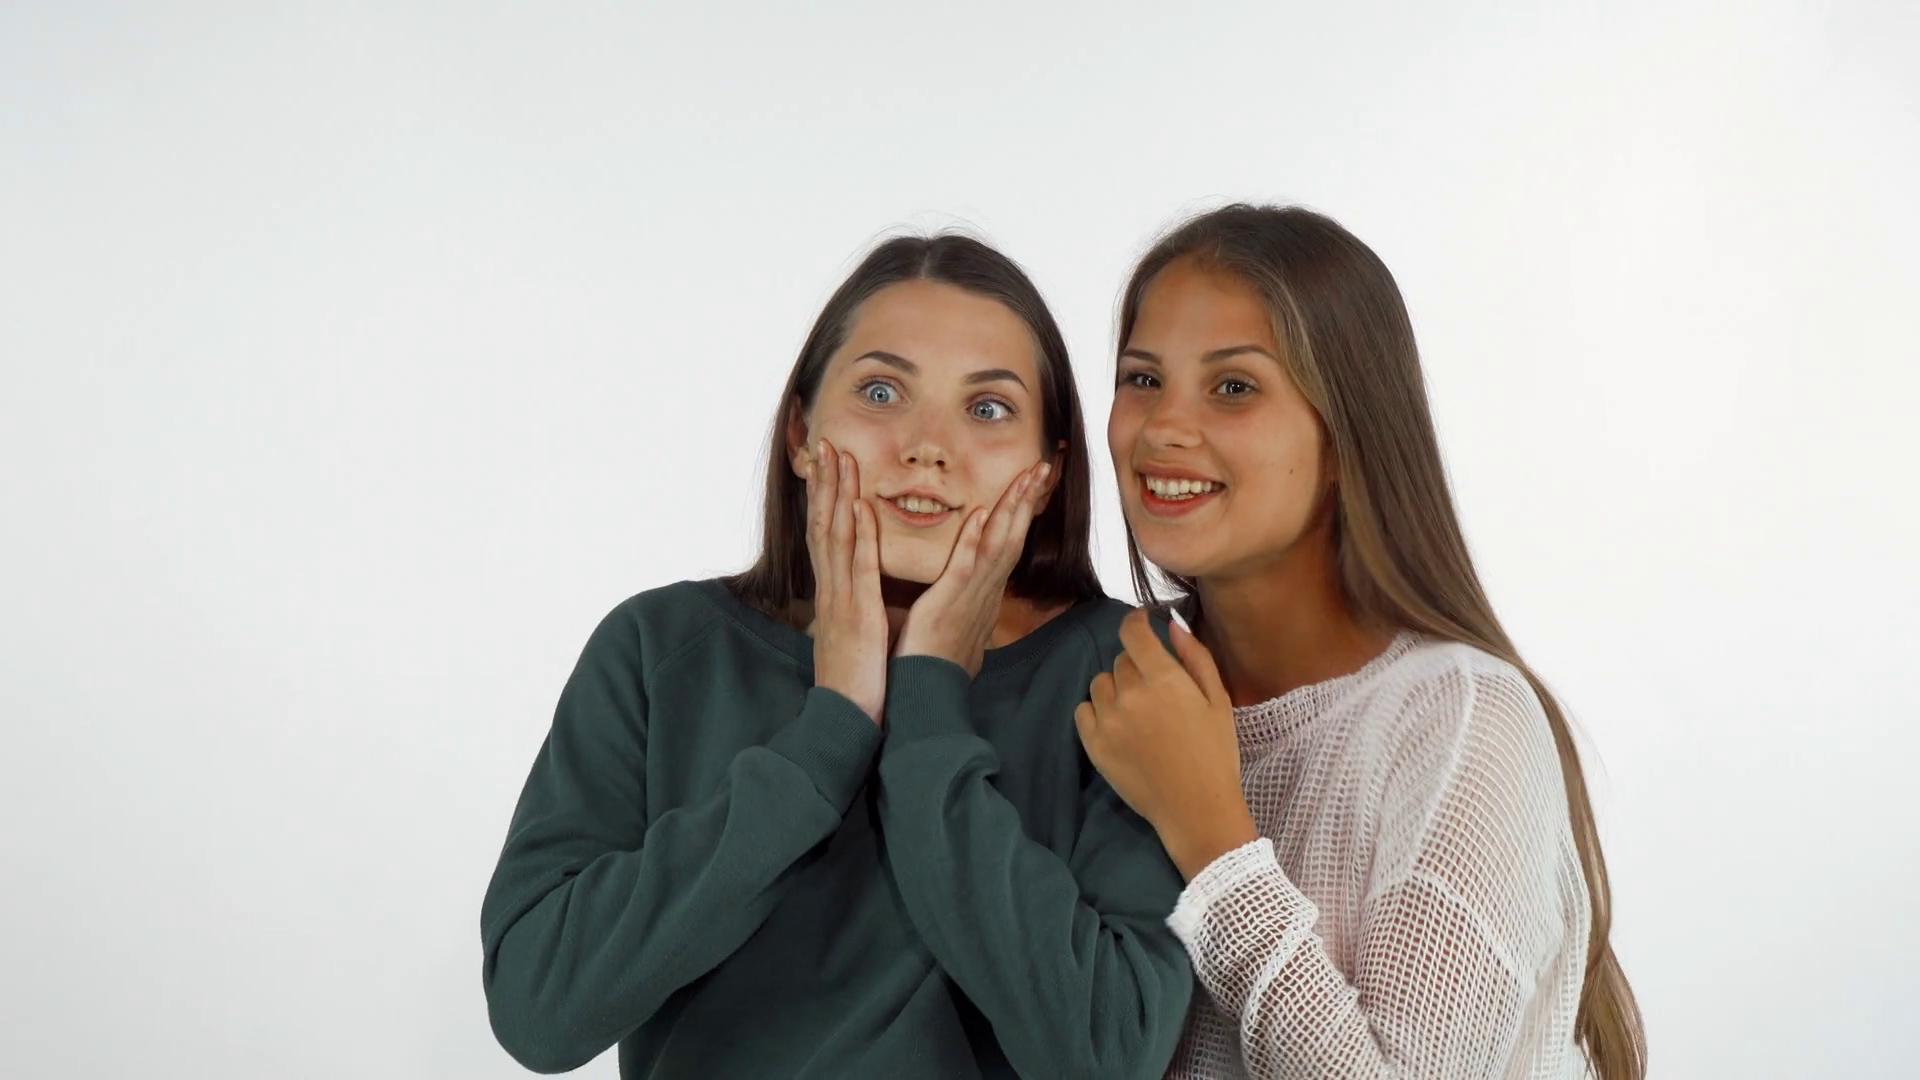 Female friends looking away, laughing looking surprised